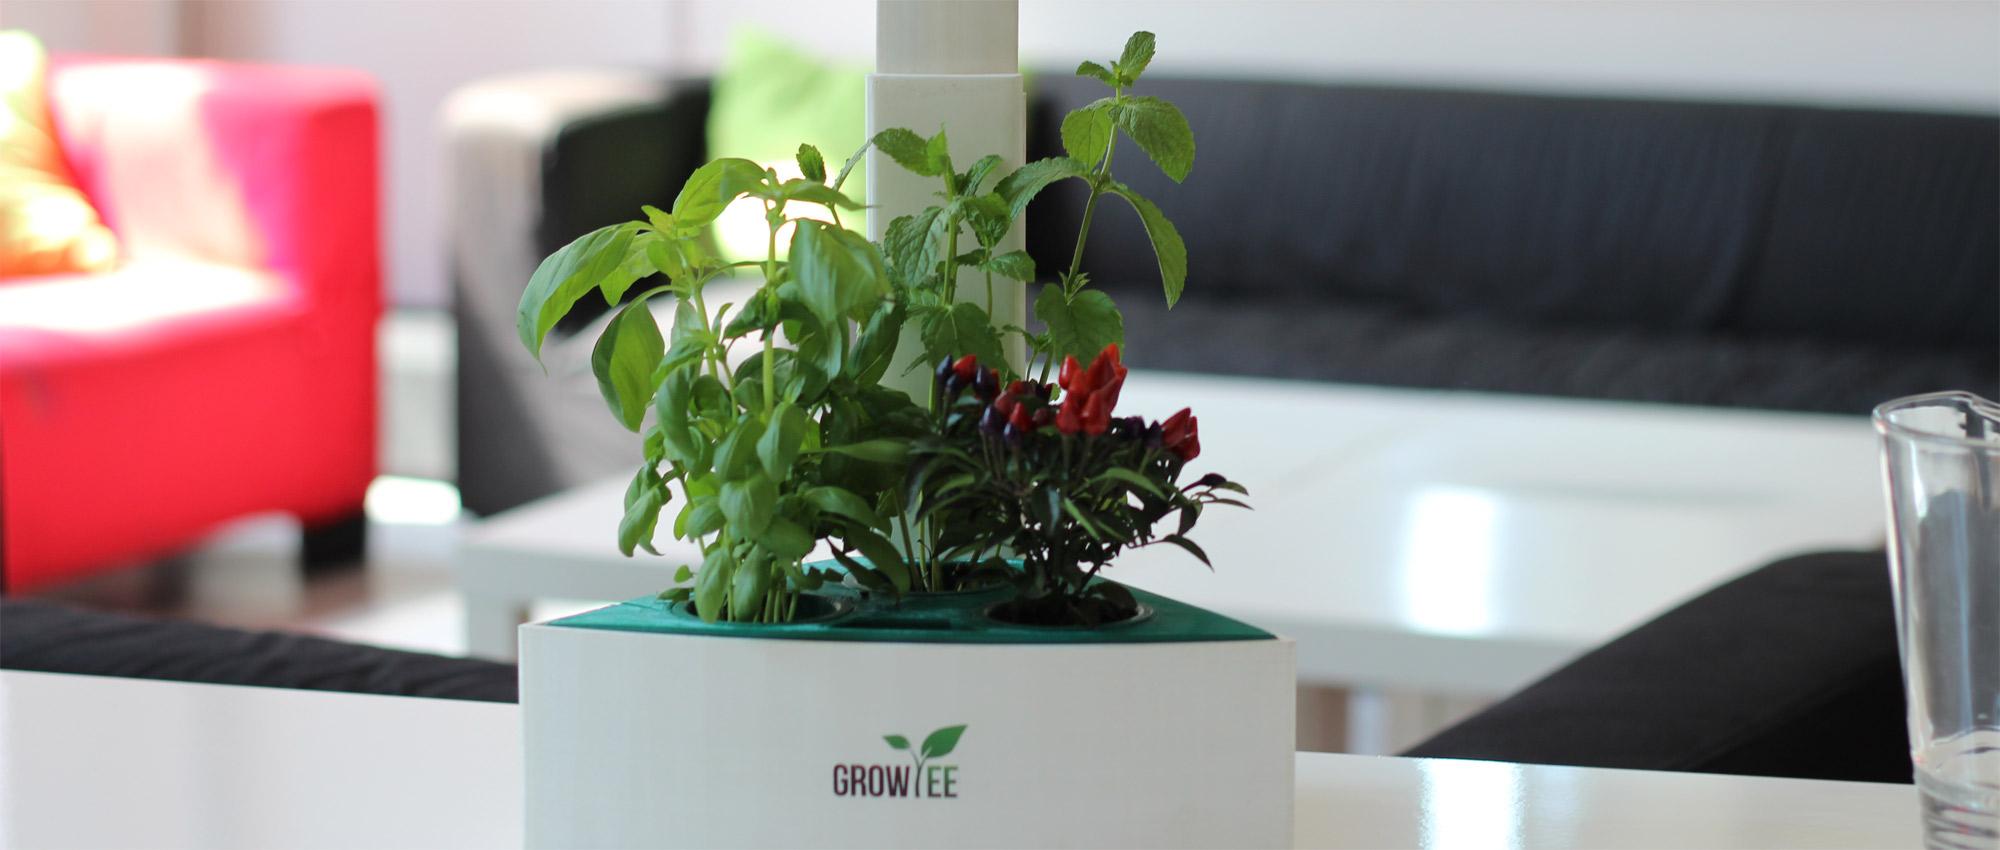 growiee1.jpg